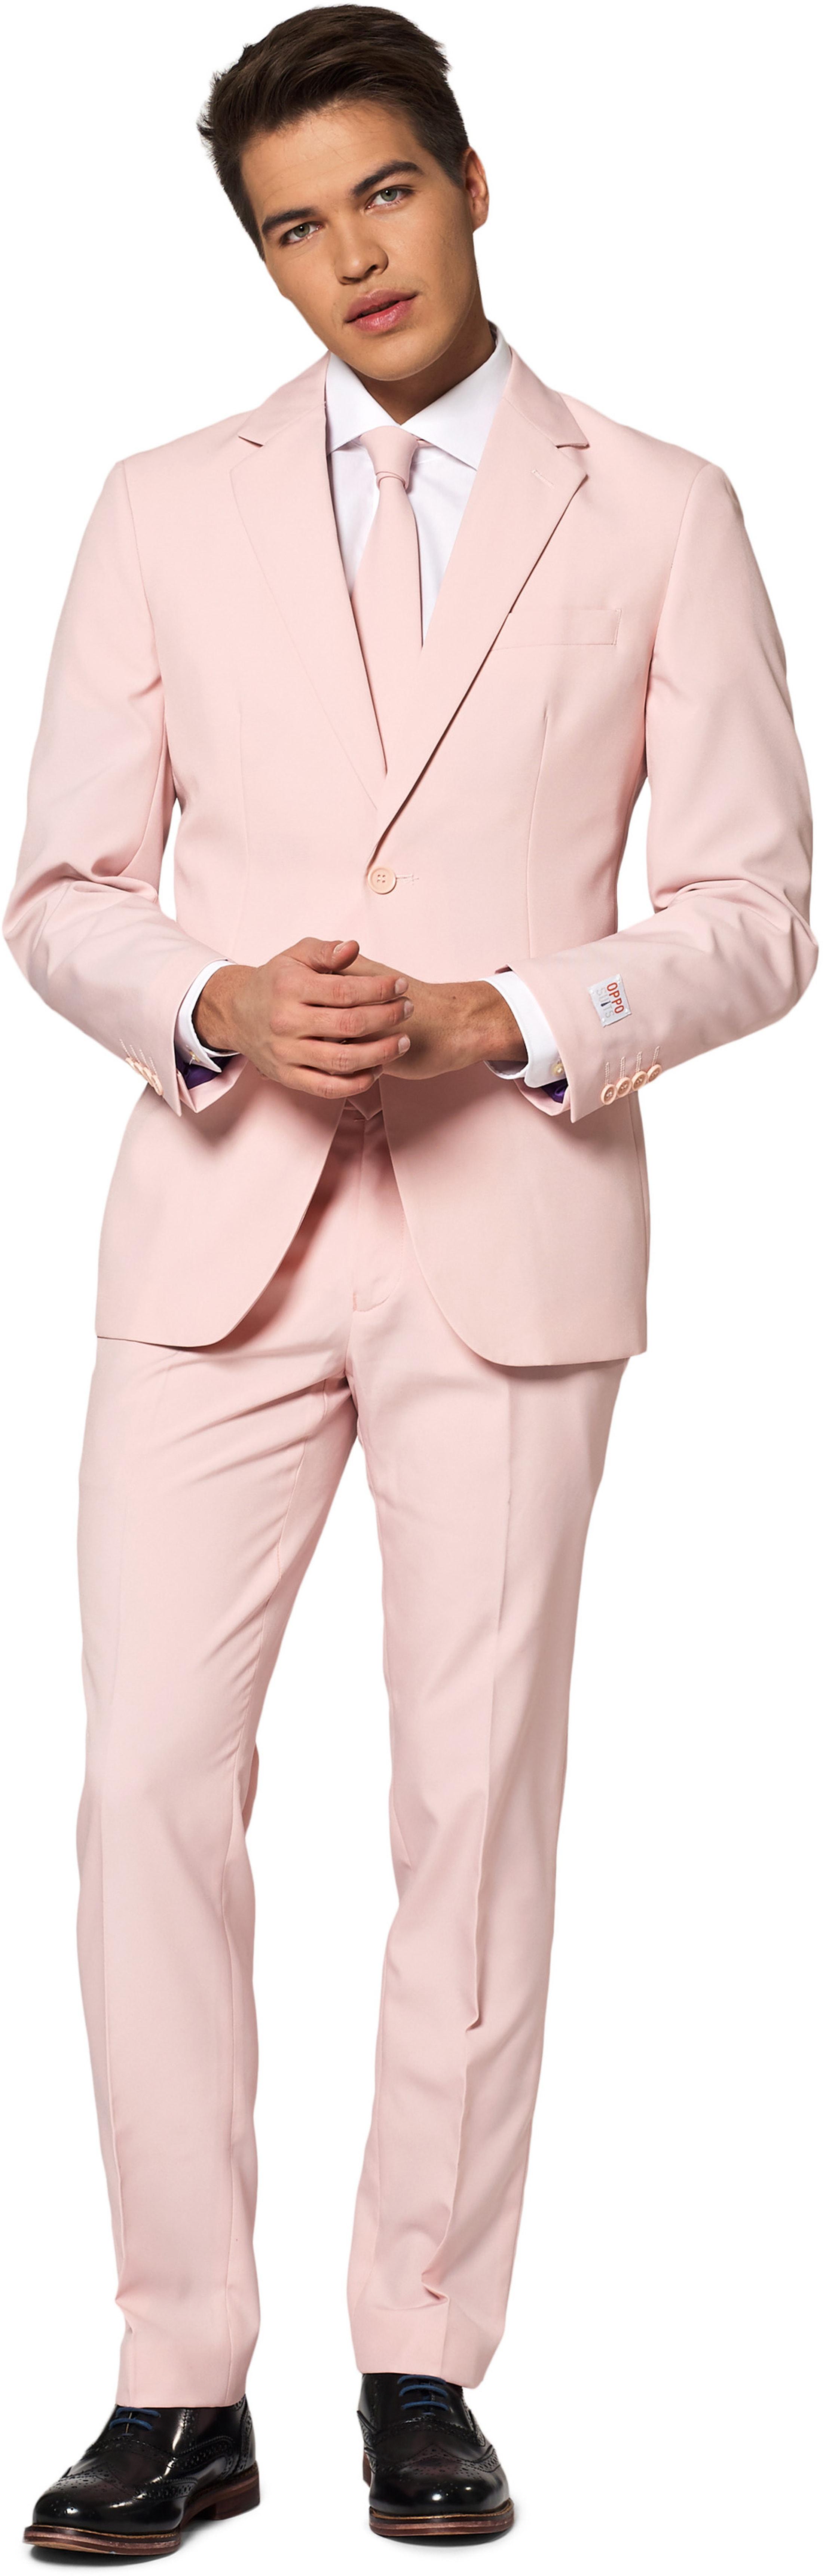 OppoSuits Lush Blush Suit foto 0